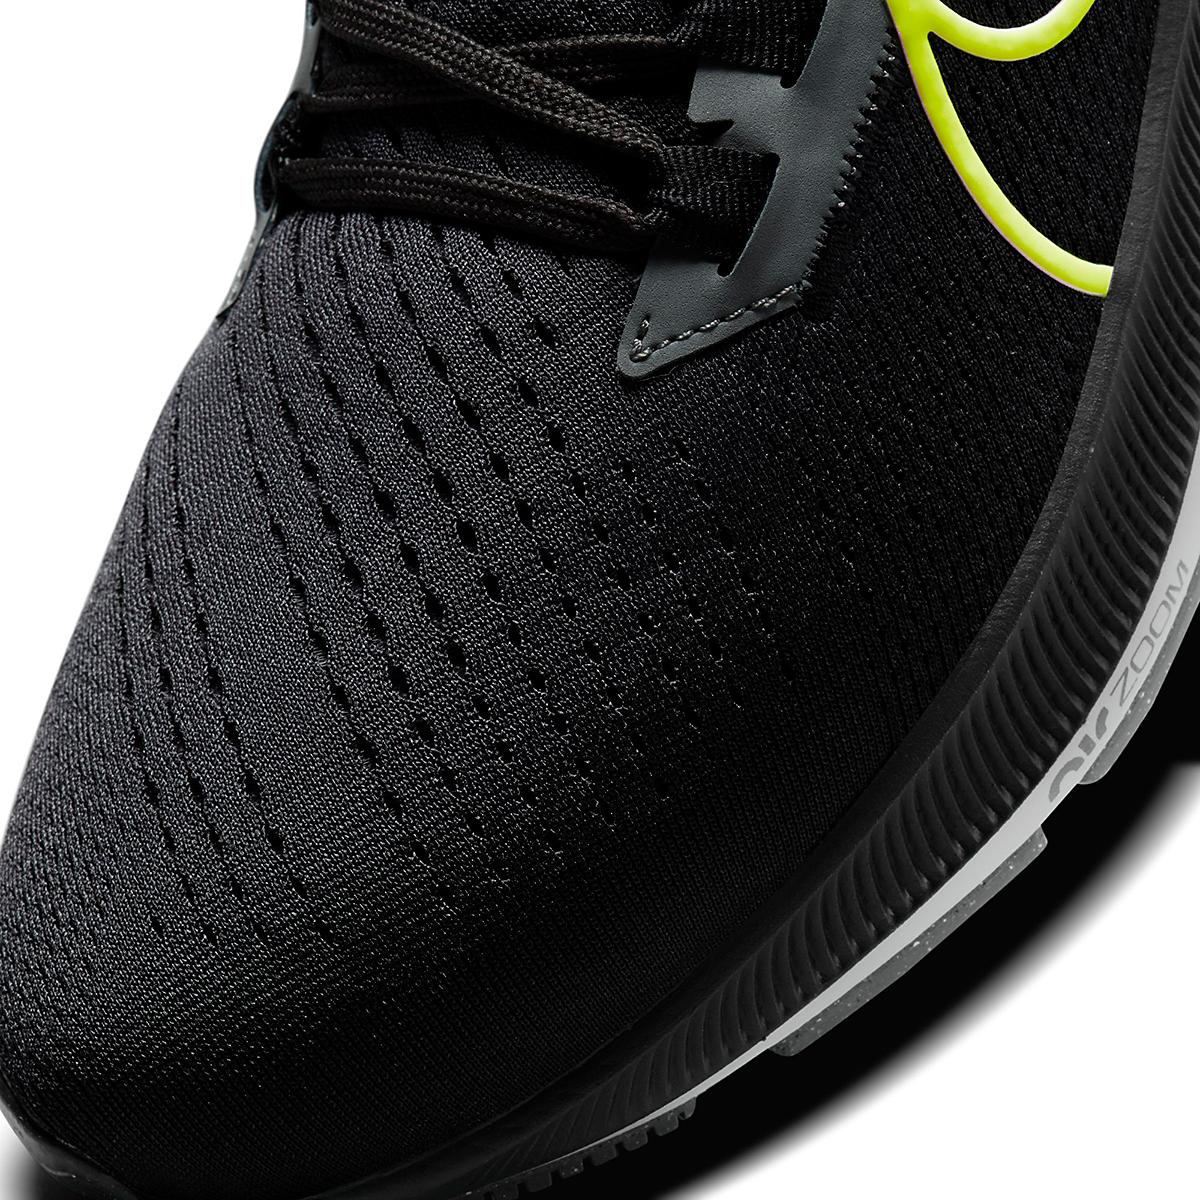 Men's Nike Air Zoom Pegasus 38 Running Shoe - Color: Smoke Grey/Volt Grey - Size: 6 - Width: Regular, Smoke Grey/Volt Grey, large, image 4